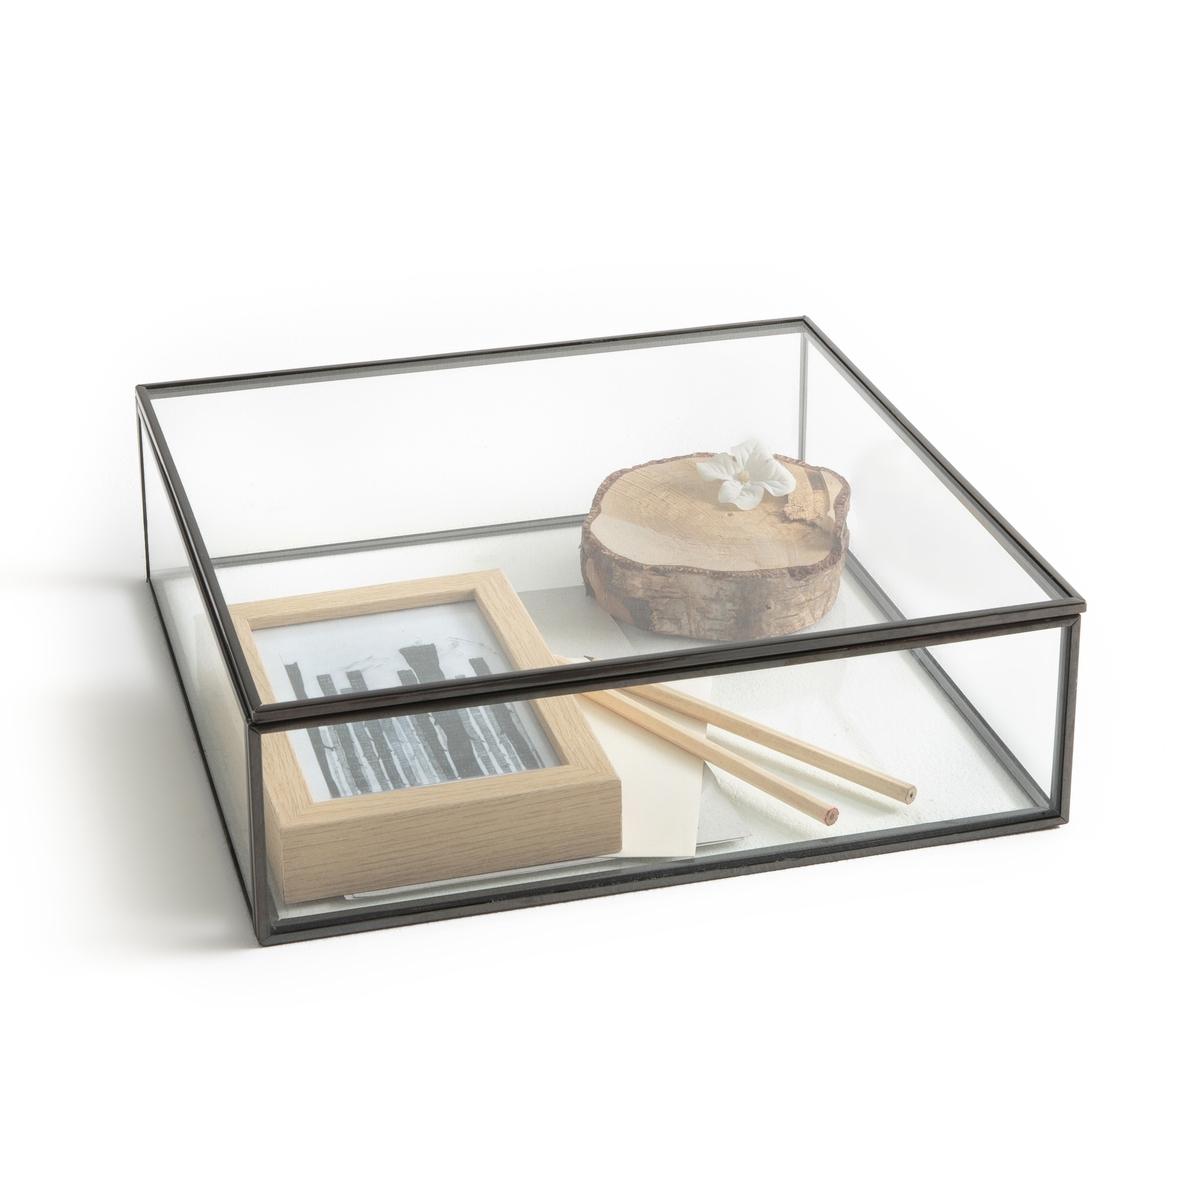 Коробка-витрина, Ш30 x В9 x Г30 см, DigoriКоробка Digori. Коробка для хранения и демонстрации украшений, драгоценностей и других ценных предметов.Характеристики:- Из стекла и металла с отделкой под латунь или оружейную сталь.- Очень качественная отделкаРазмеры:- Ш30 x В9 x Г30 см- Толщина стекла: 0,4 мм<br><br>Цвет: латунь,темно-серый металл